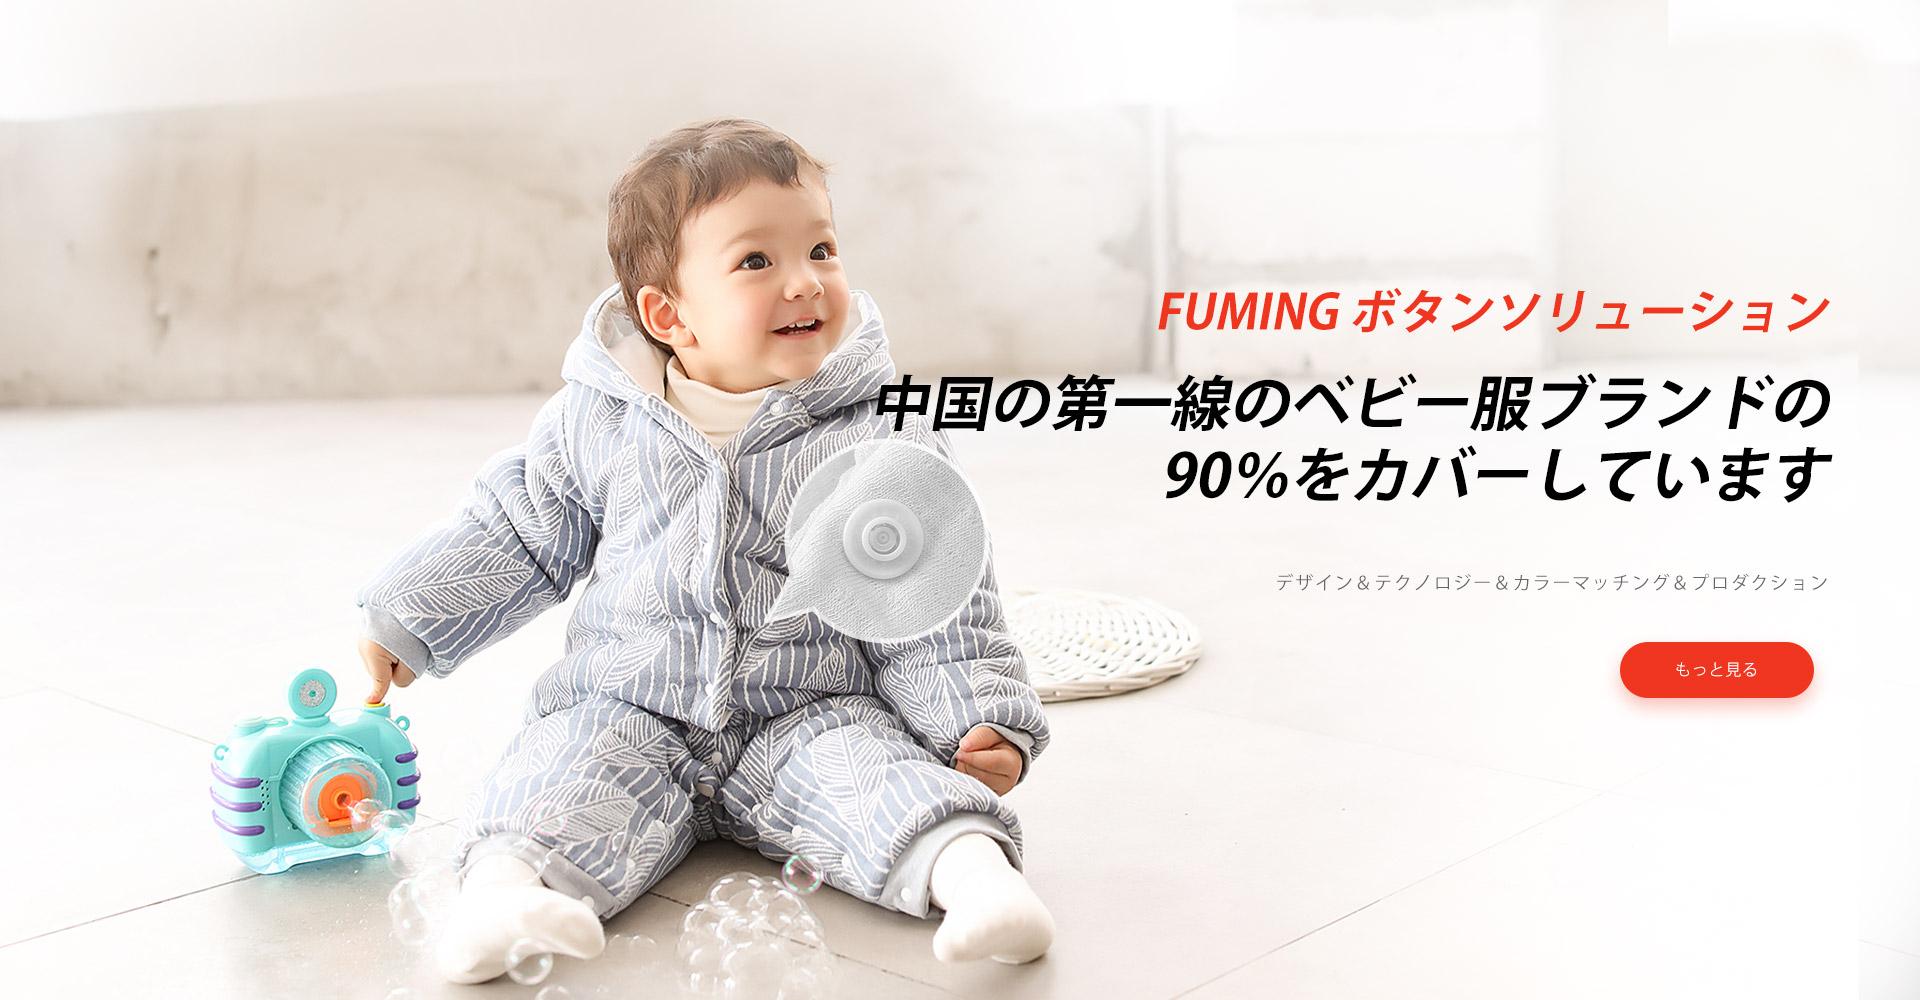 中国の第一線のベビー衣料品ブランドの90%をカバーするFUMING Buttonソリューション。